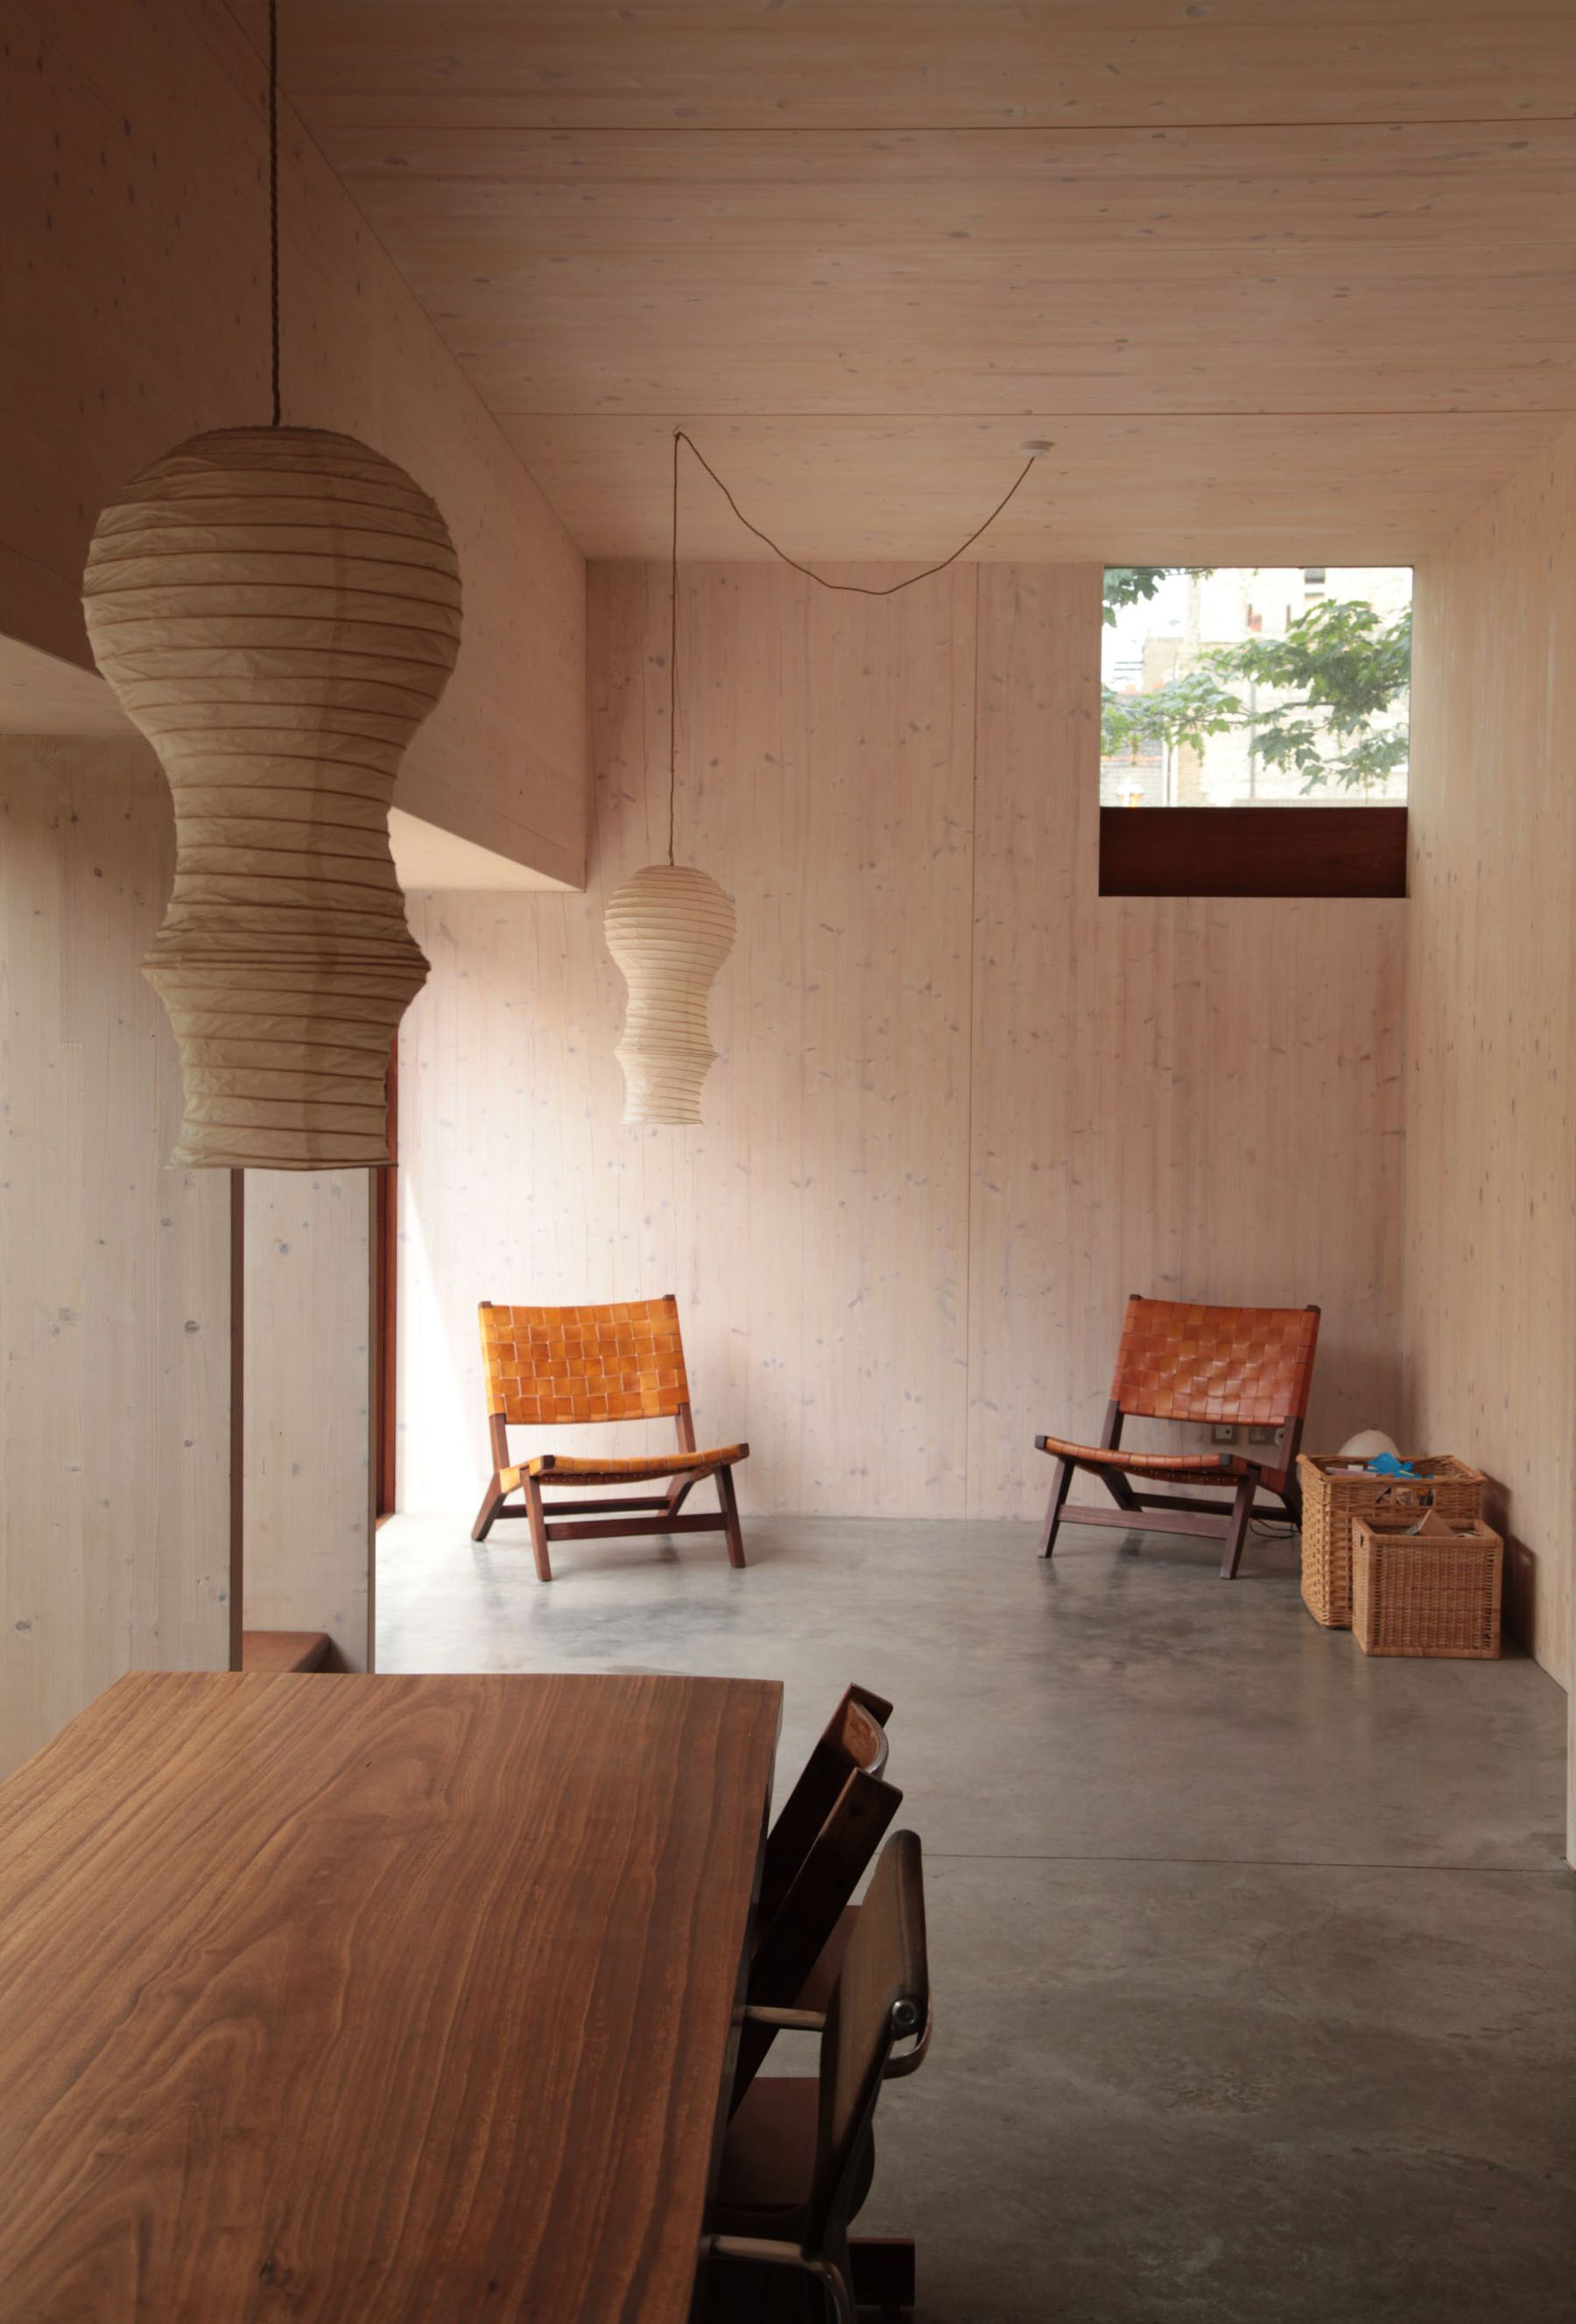 Hugh Strange Architects — Buildings Don't Just Happen